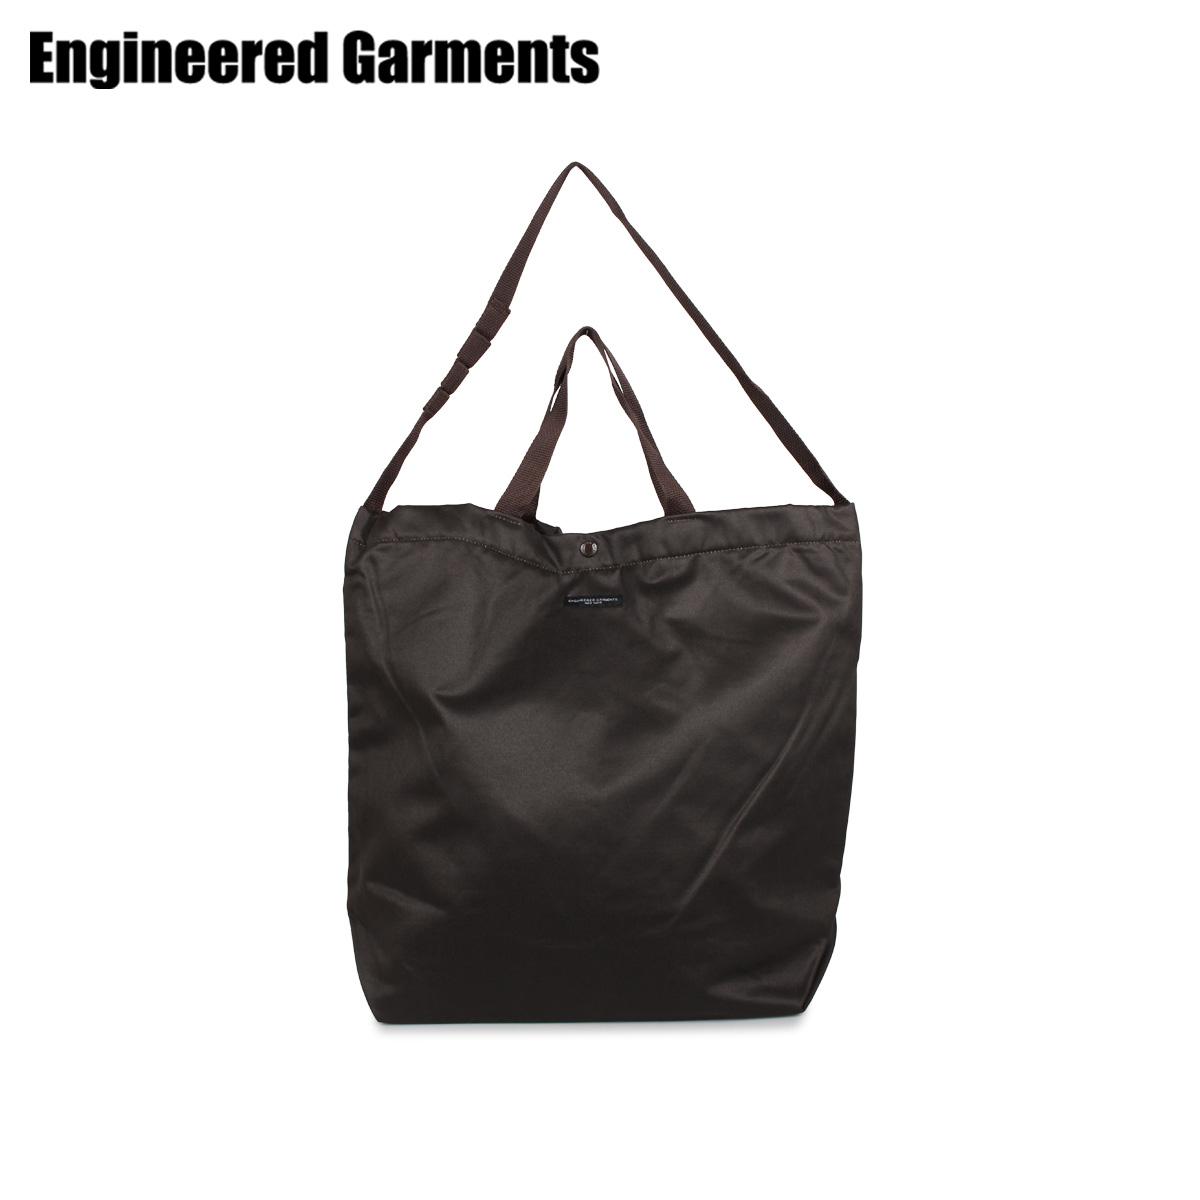 エンジニアドガーメンツ ENGINEERED GARMENTS バッグ トートバッグ ショルダー メンズ レディース 2WAY CARRY ALL TOTE ダーク オリーブ 20F1H015 [9/23 新入荷]